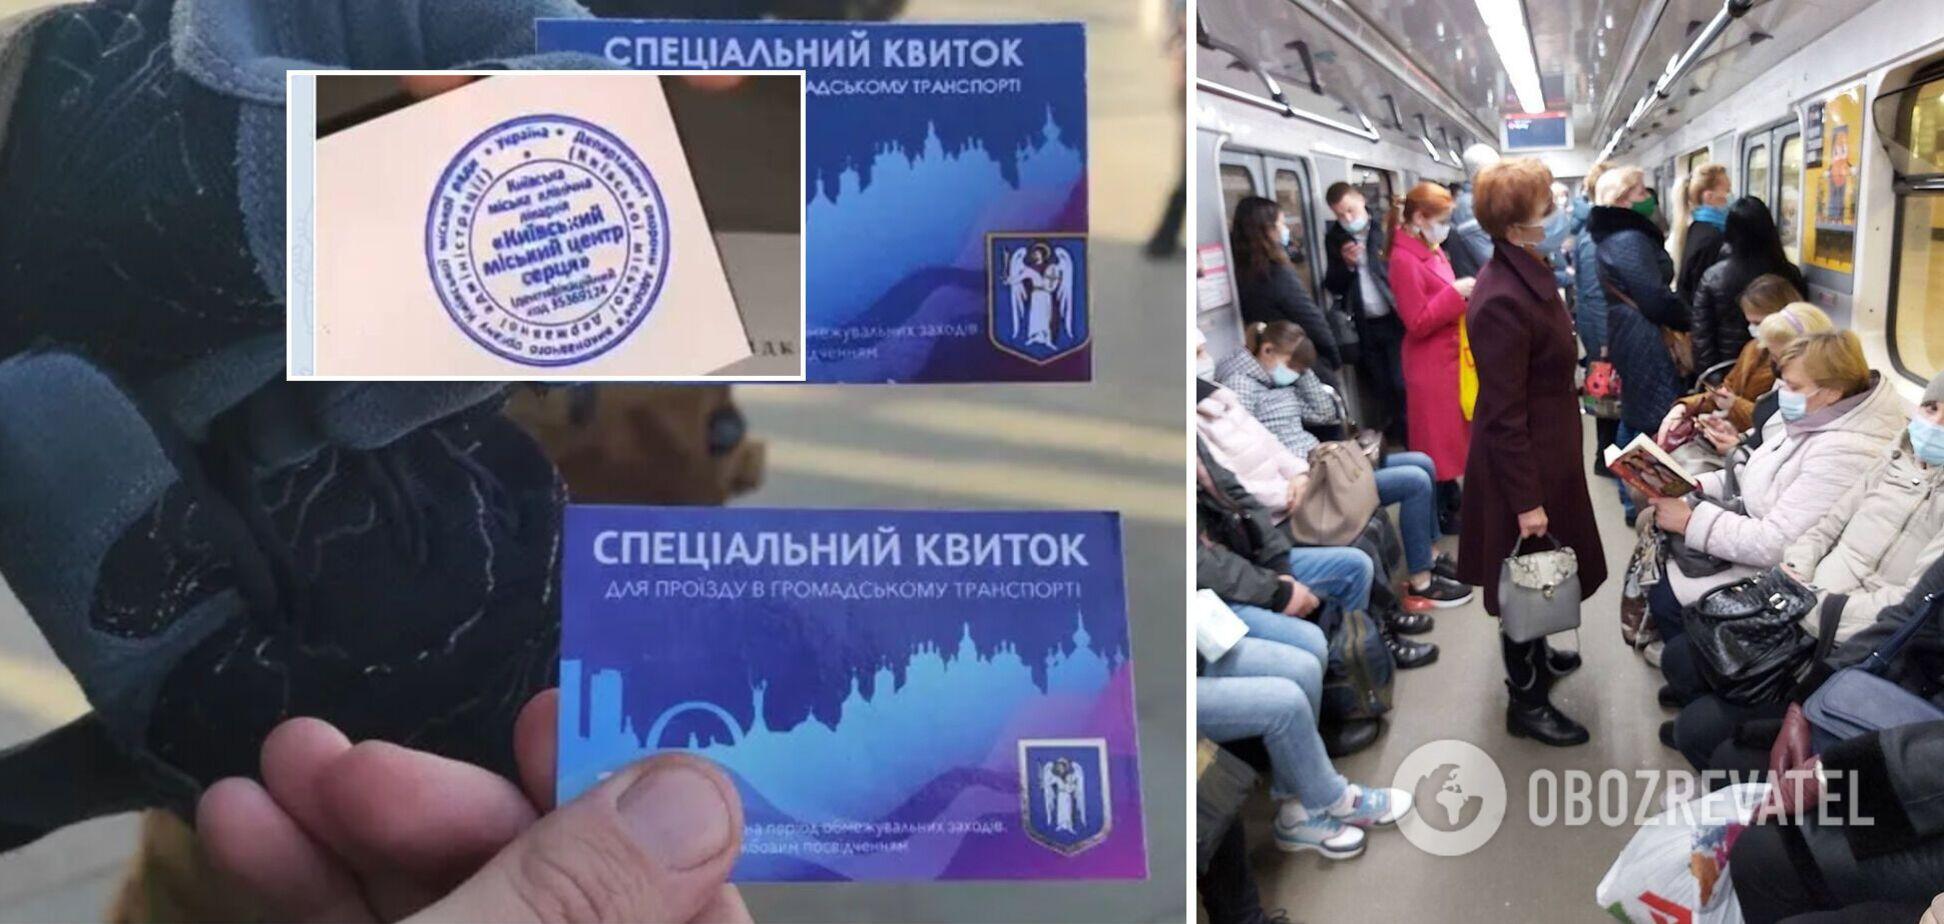 У Києві процвітає 'чорний ринок' спецперепусток: розкриваємо деталі